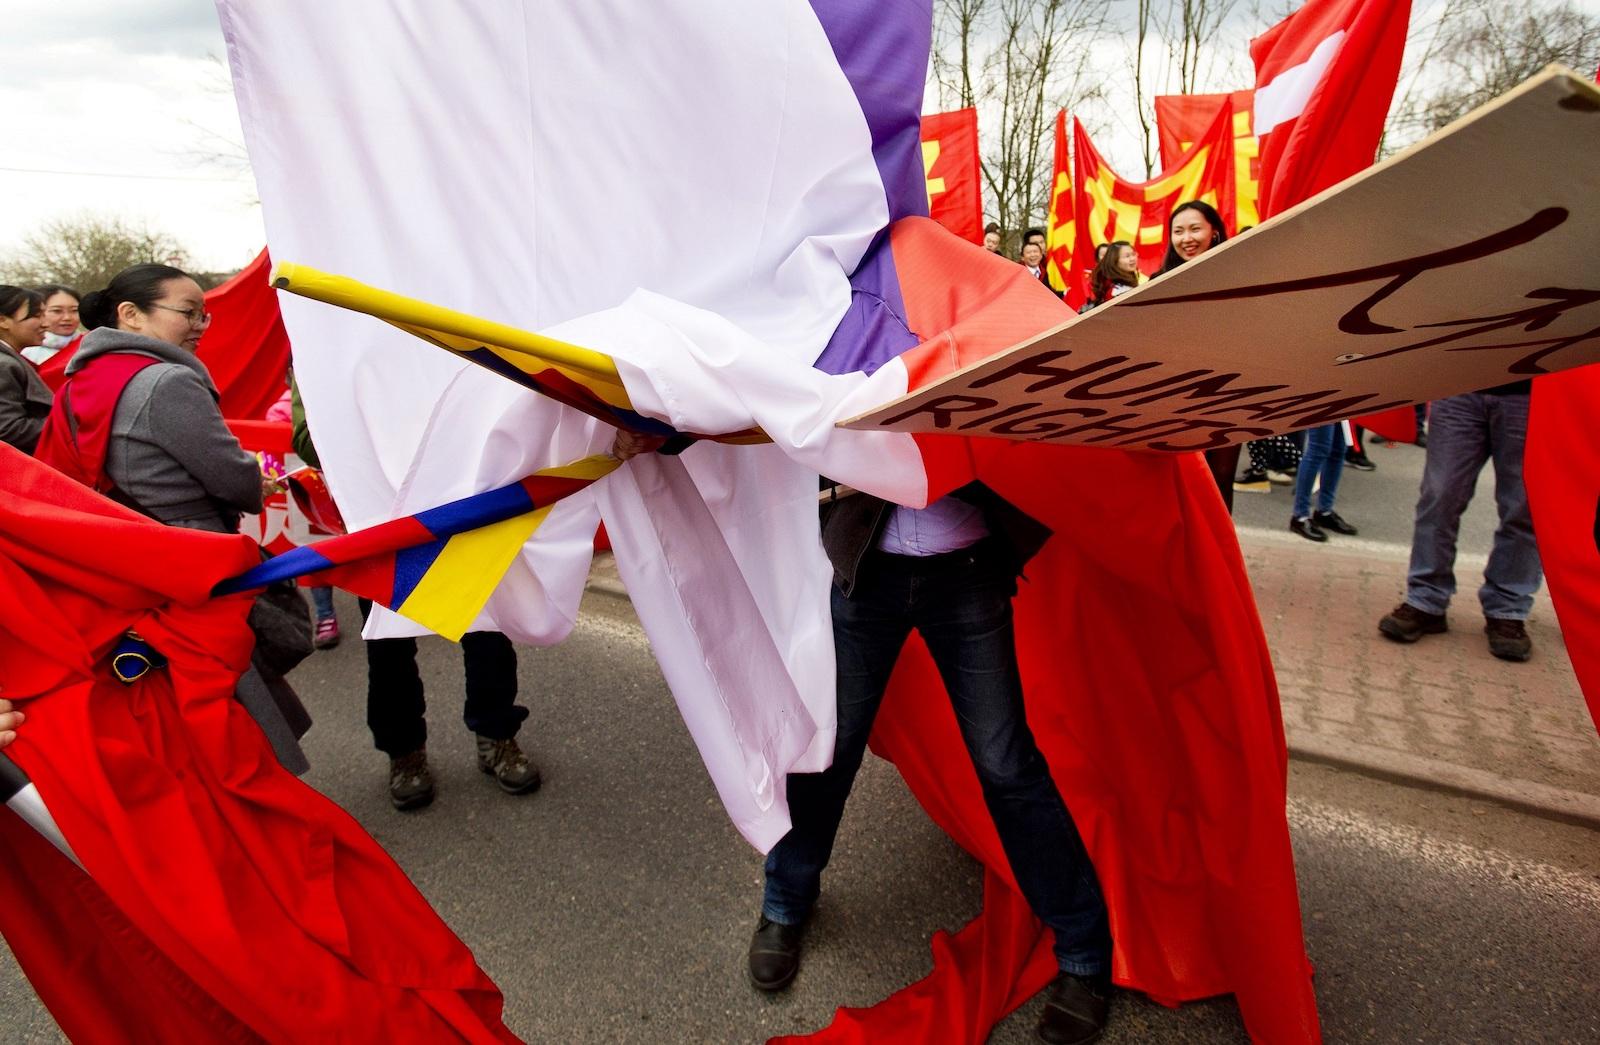 Protesty proti návštěvě čínského prezidenta. Foto: Michal Šula (Mafra)